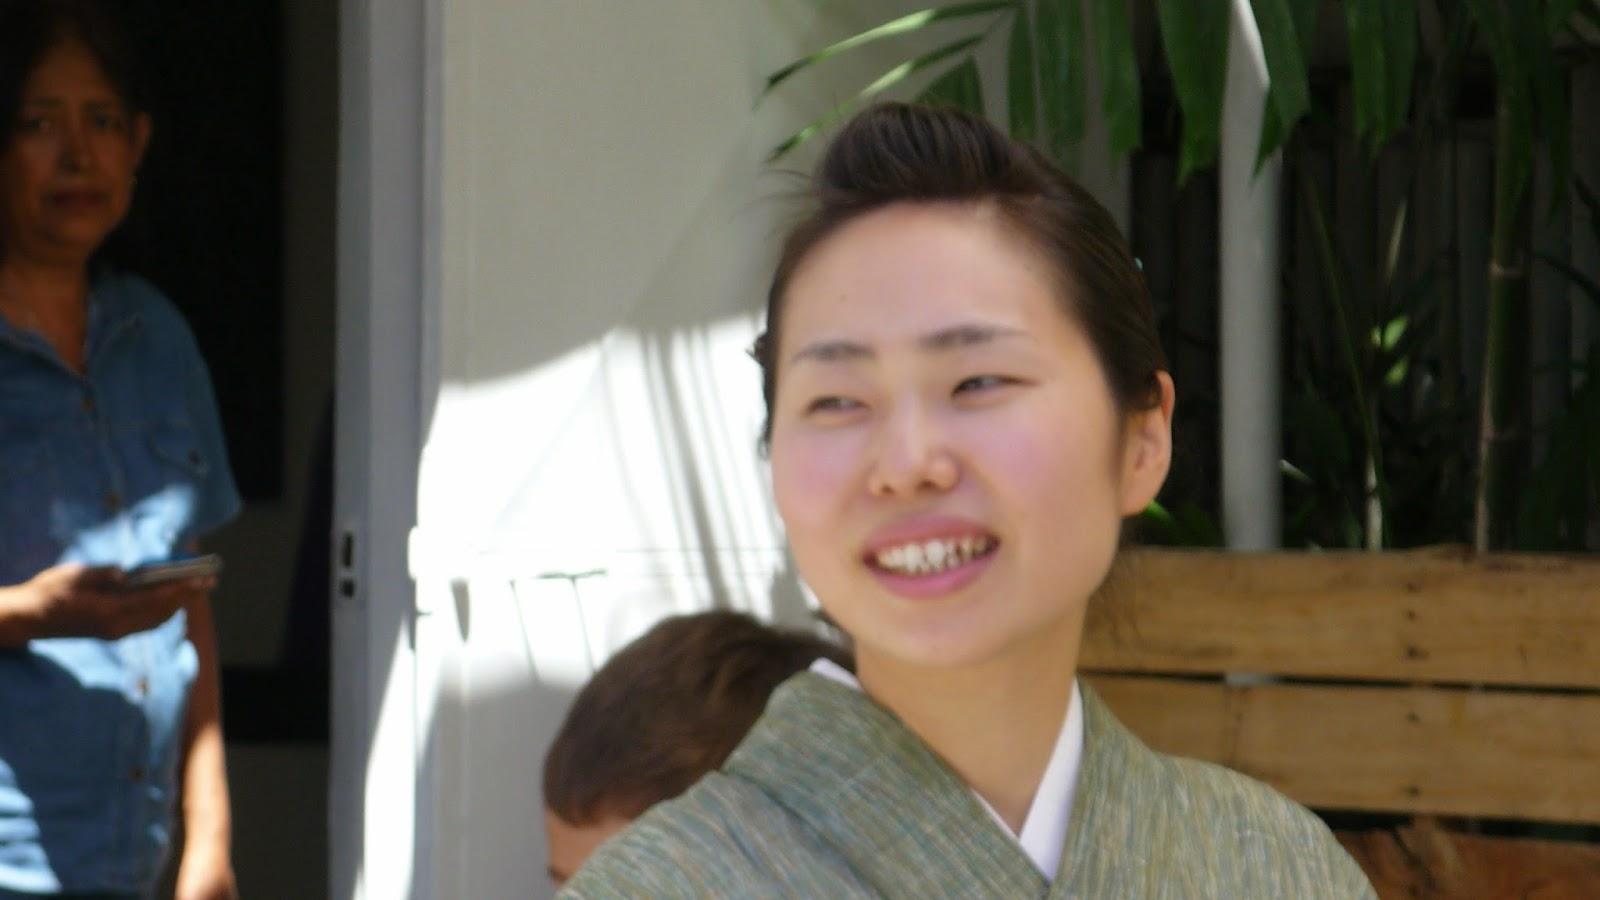 KYOKO KATO